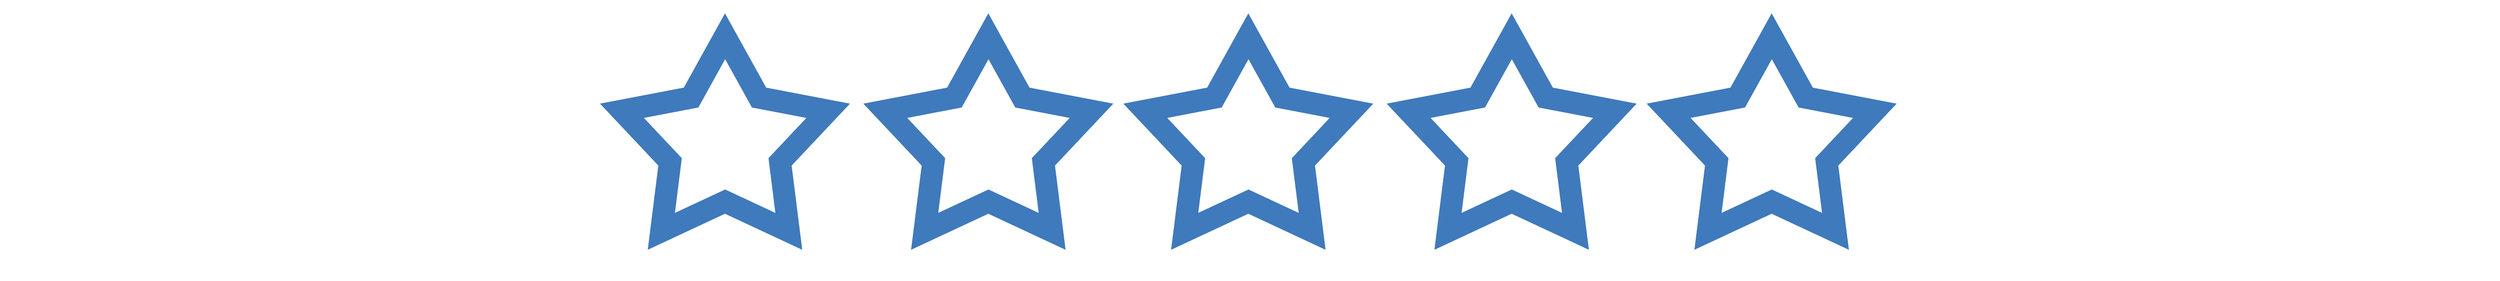 5-STAR CUSTOMER SERVICE